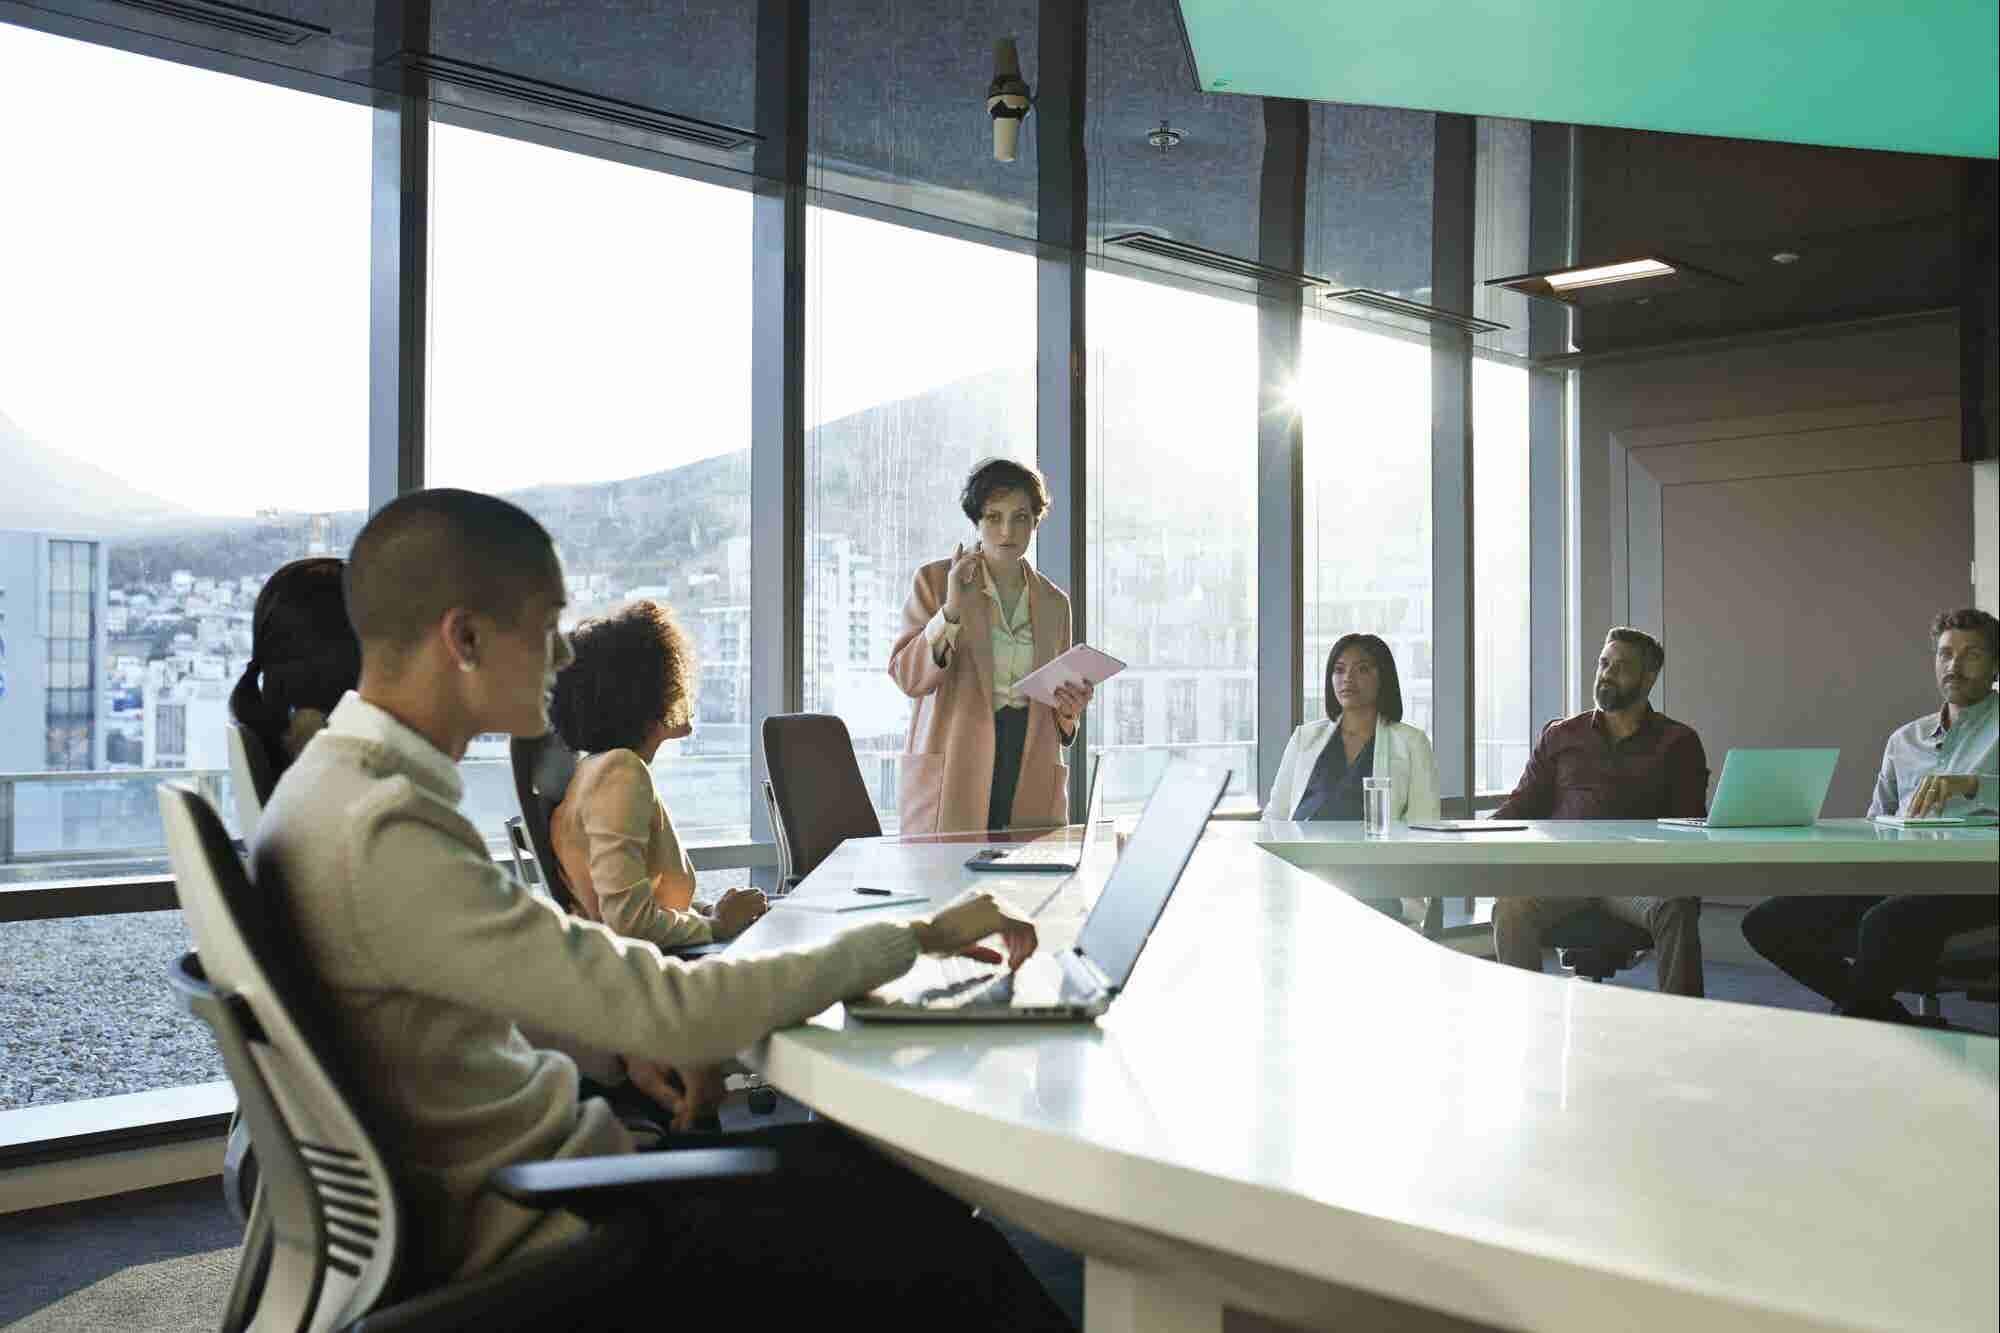 Los 4 mitos comunes sobre el liderazgo que te están frenando (y cómo liberarte de ellos)